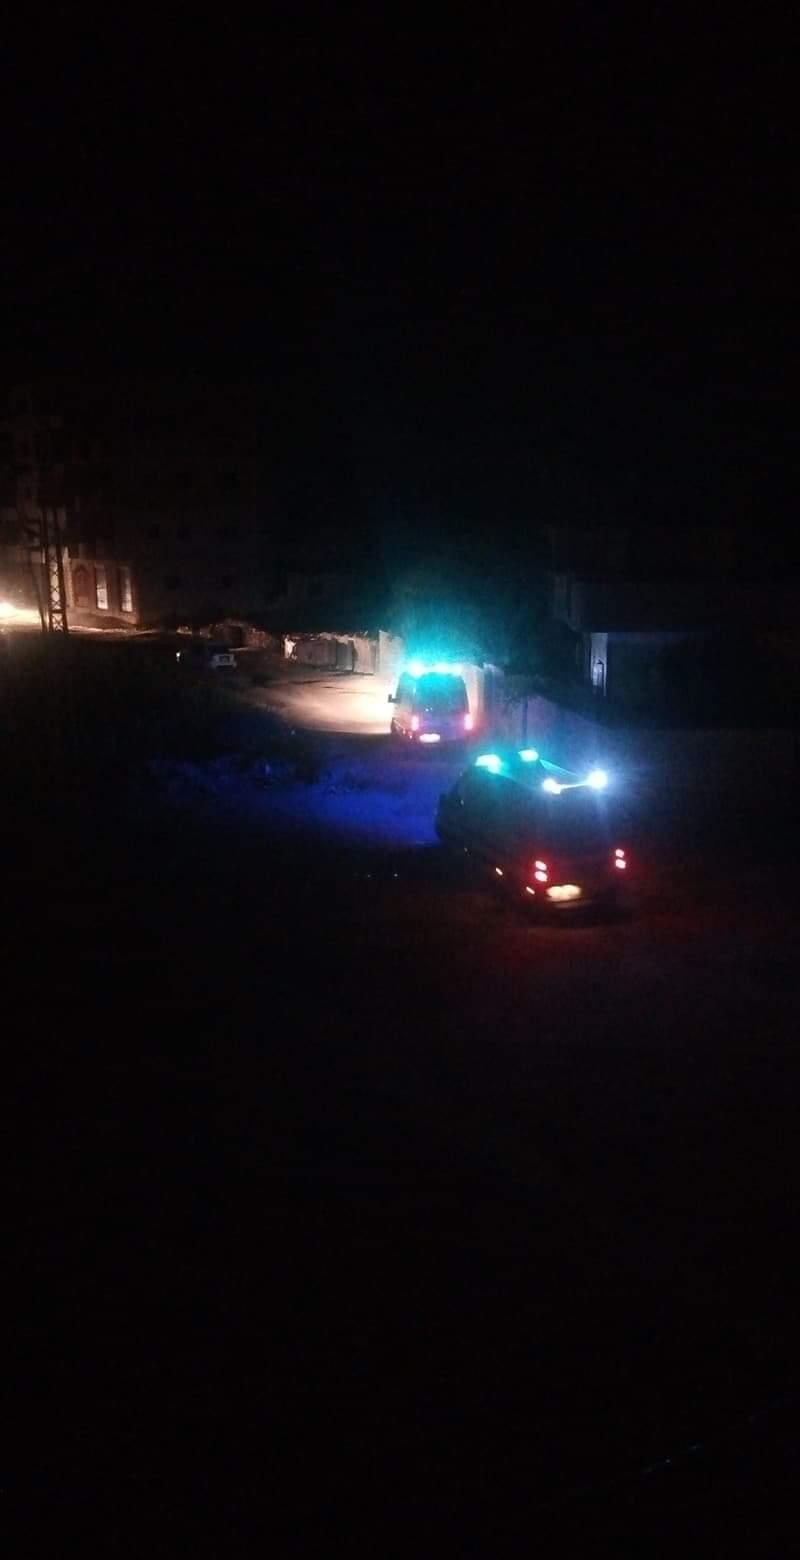 سيارة الإسعاف فى طريقها لموقع الحادث (1)